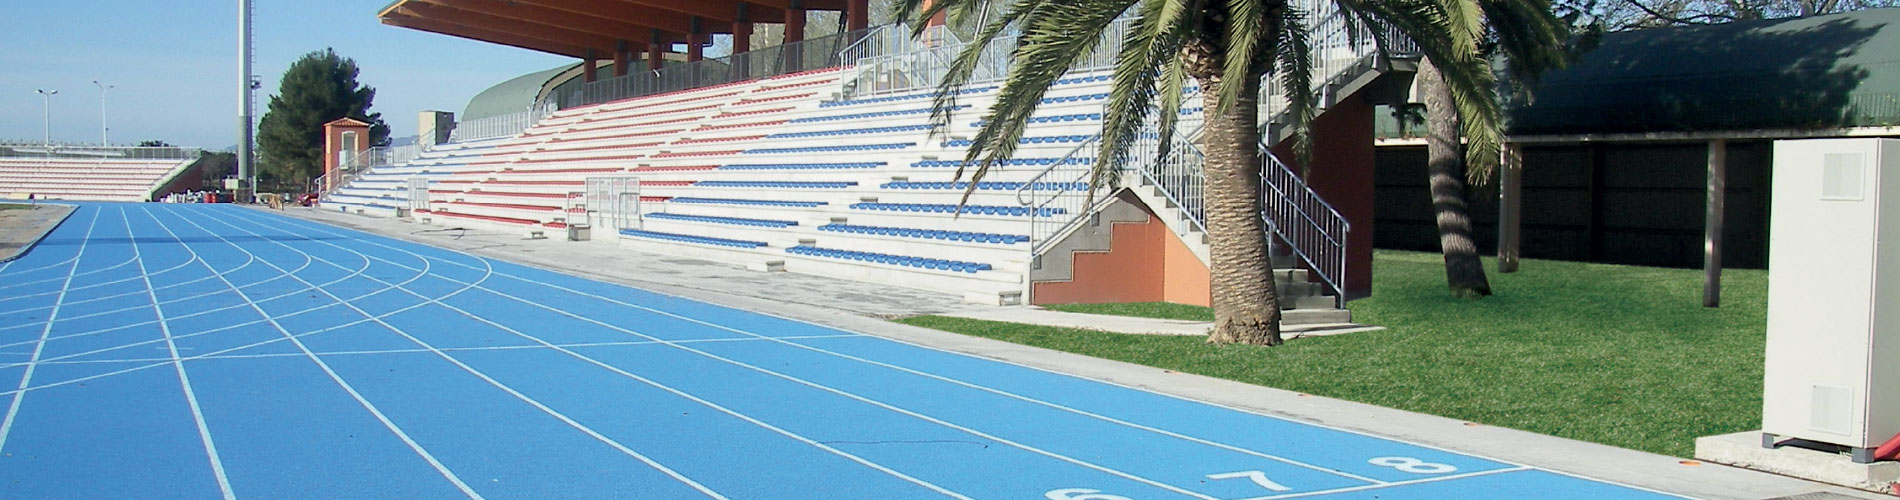 Risultati immagini per progettazione sportiva